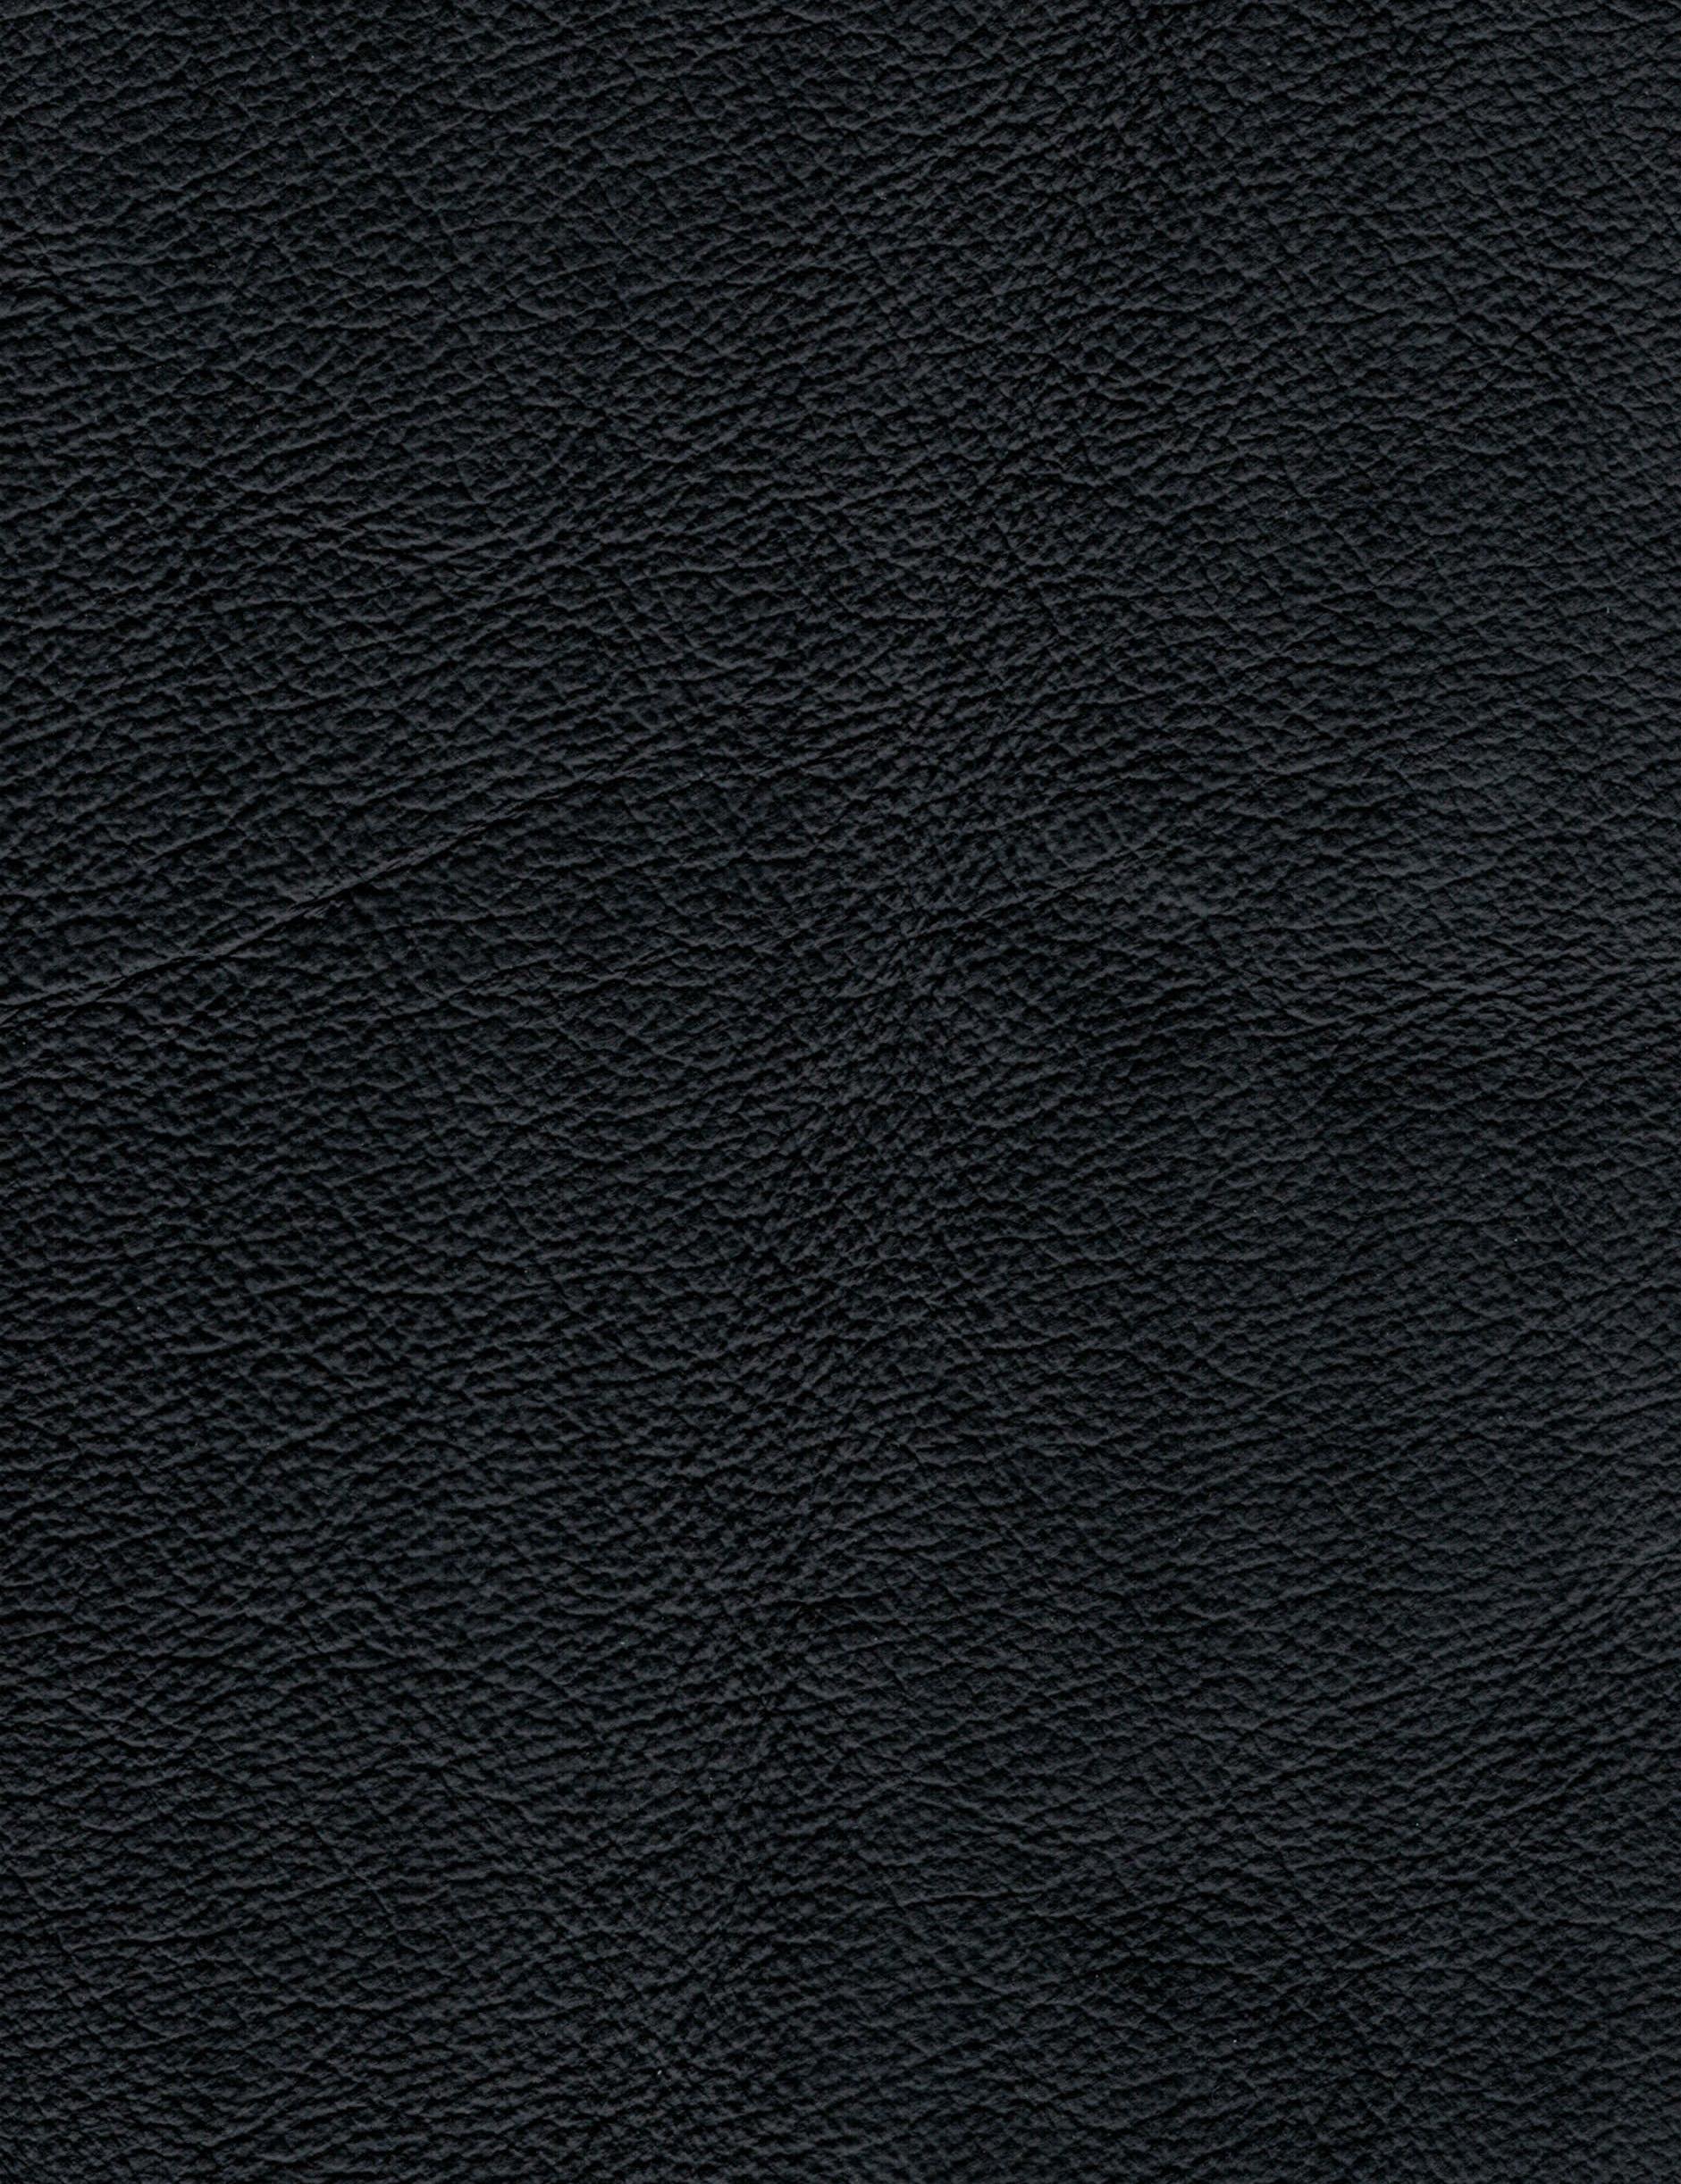 Oak Frame - Black Leather